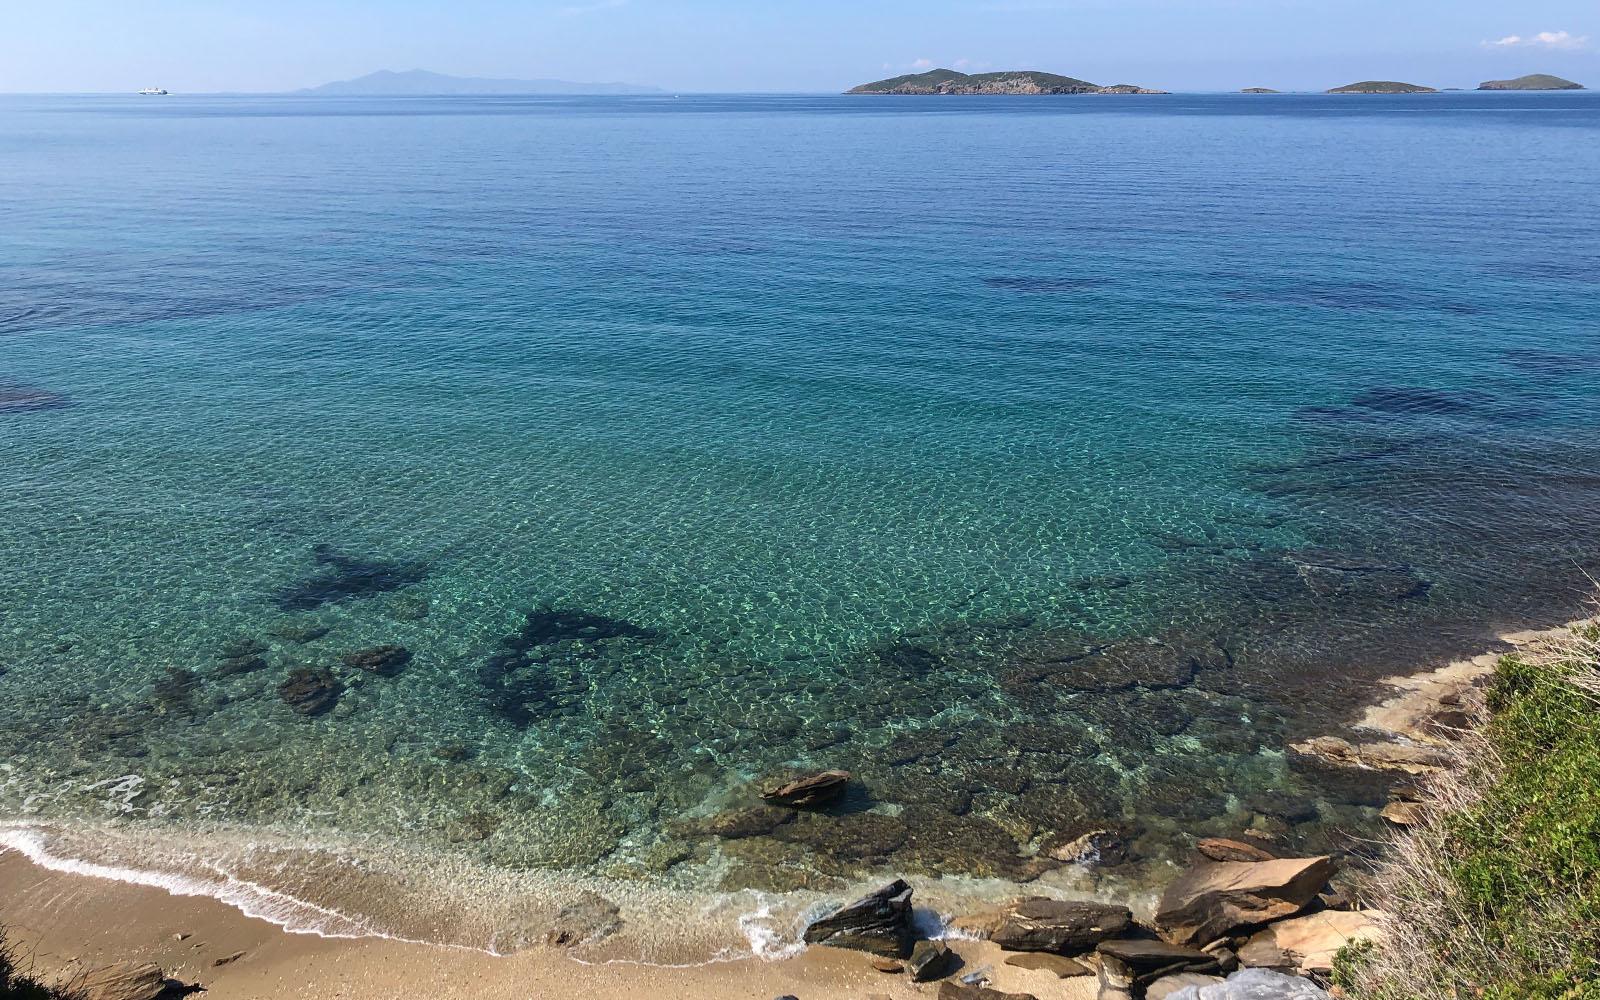 Uno scorcio del mare e della spiaggia di Kipri, sulla costa occidentale di Andros.